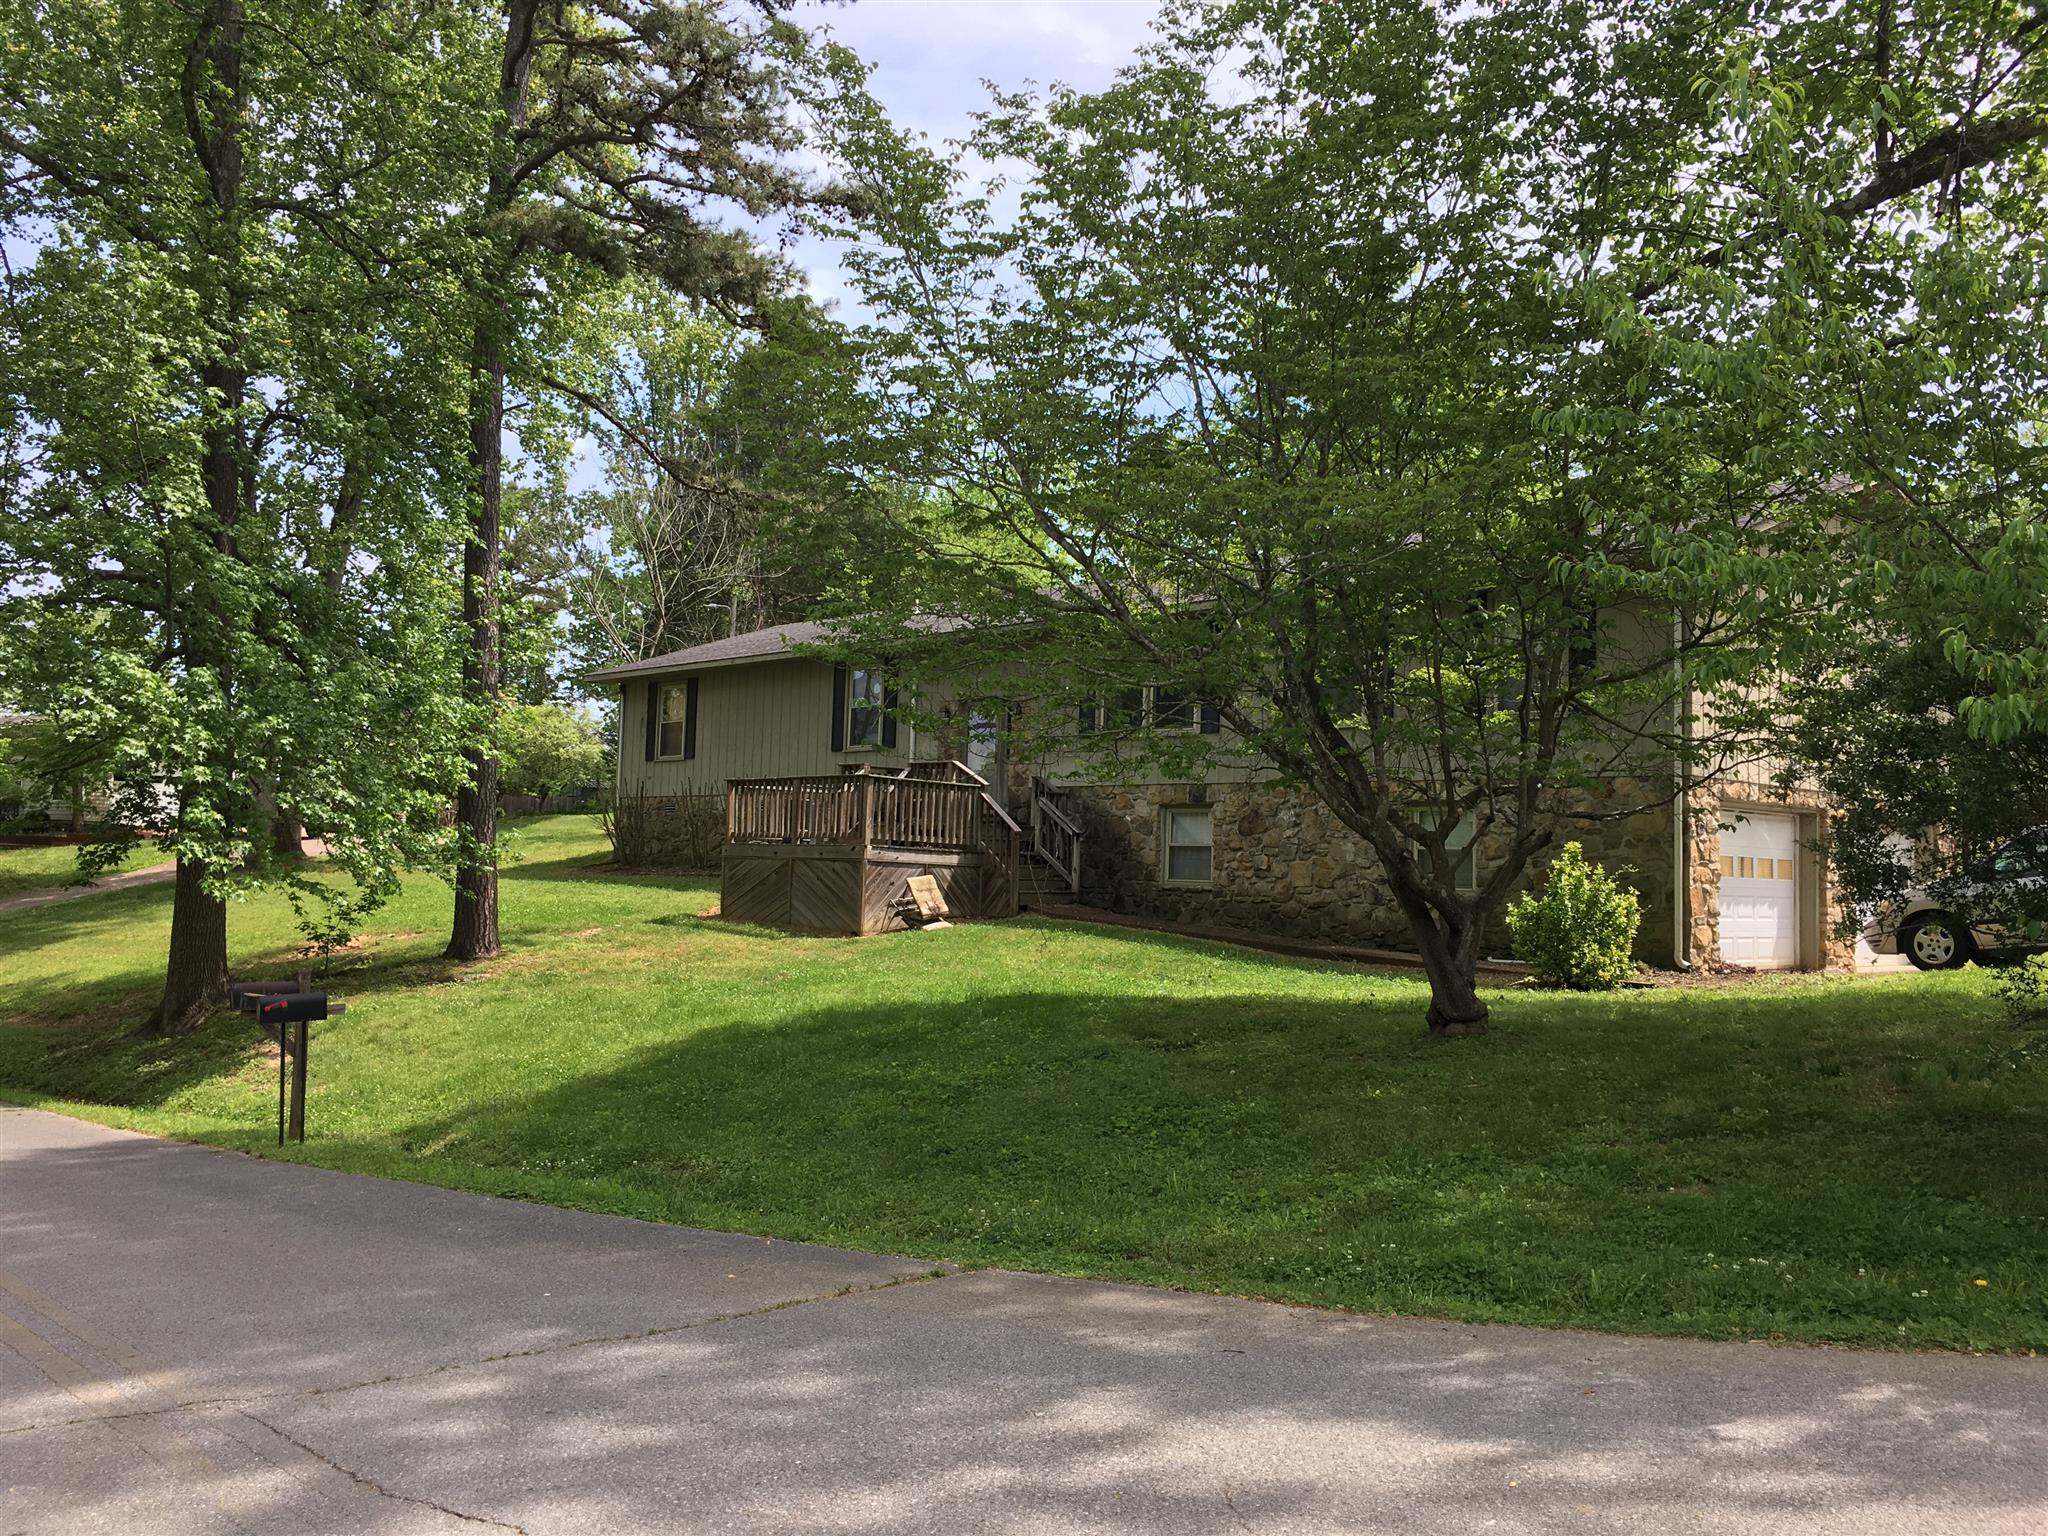 105 Castleman Dr, Waynesboro, TN 38485 - Waynesboro, TN real estate listing